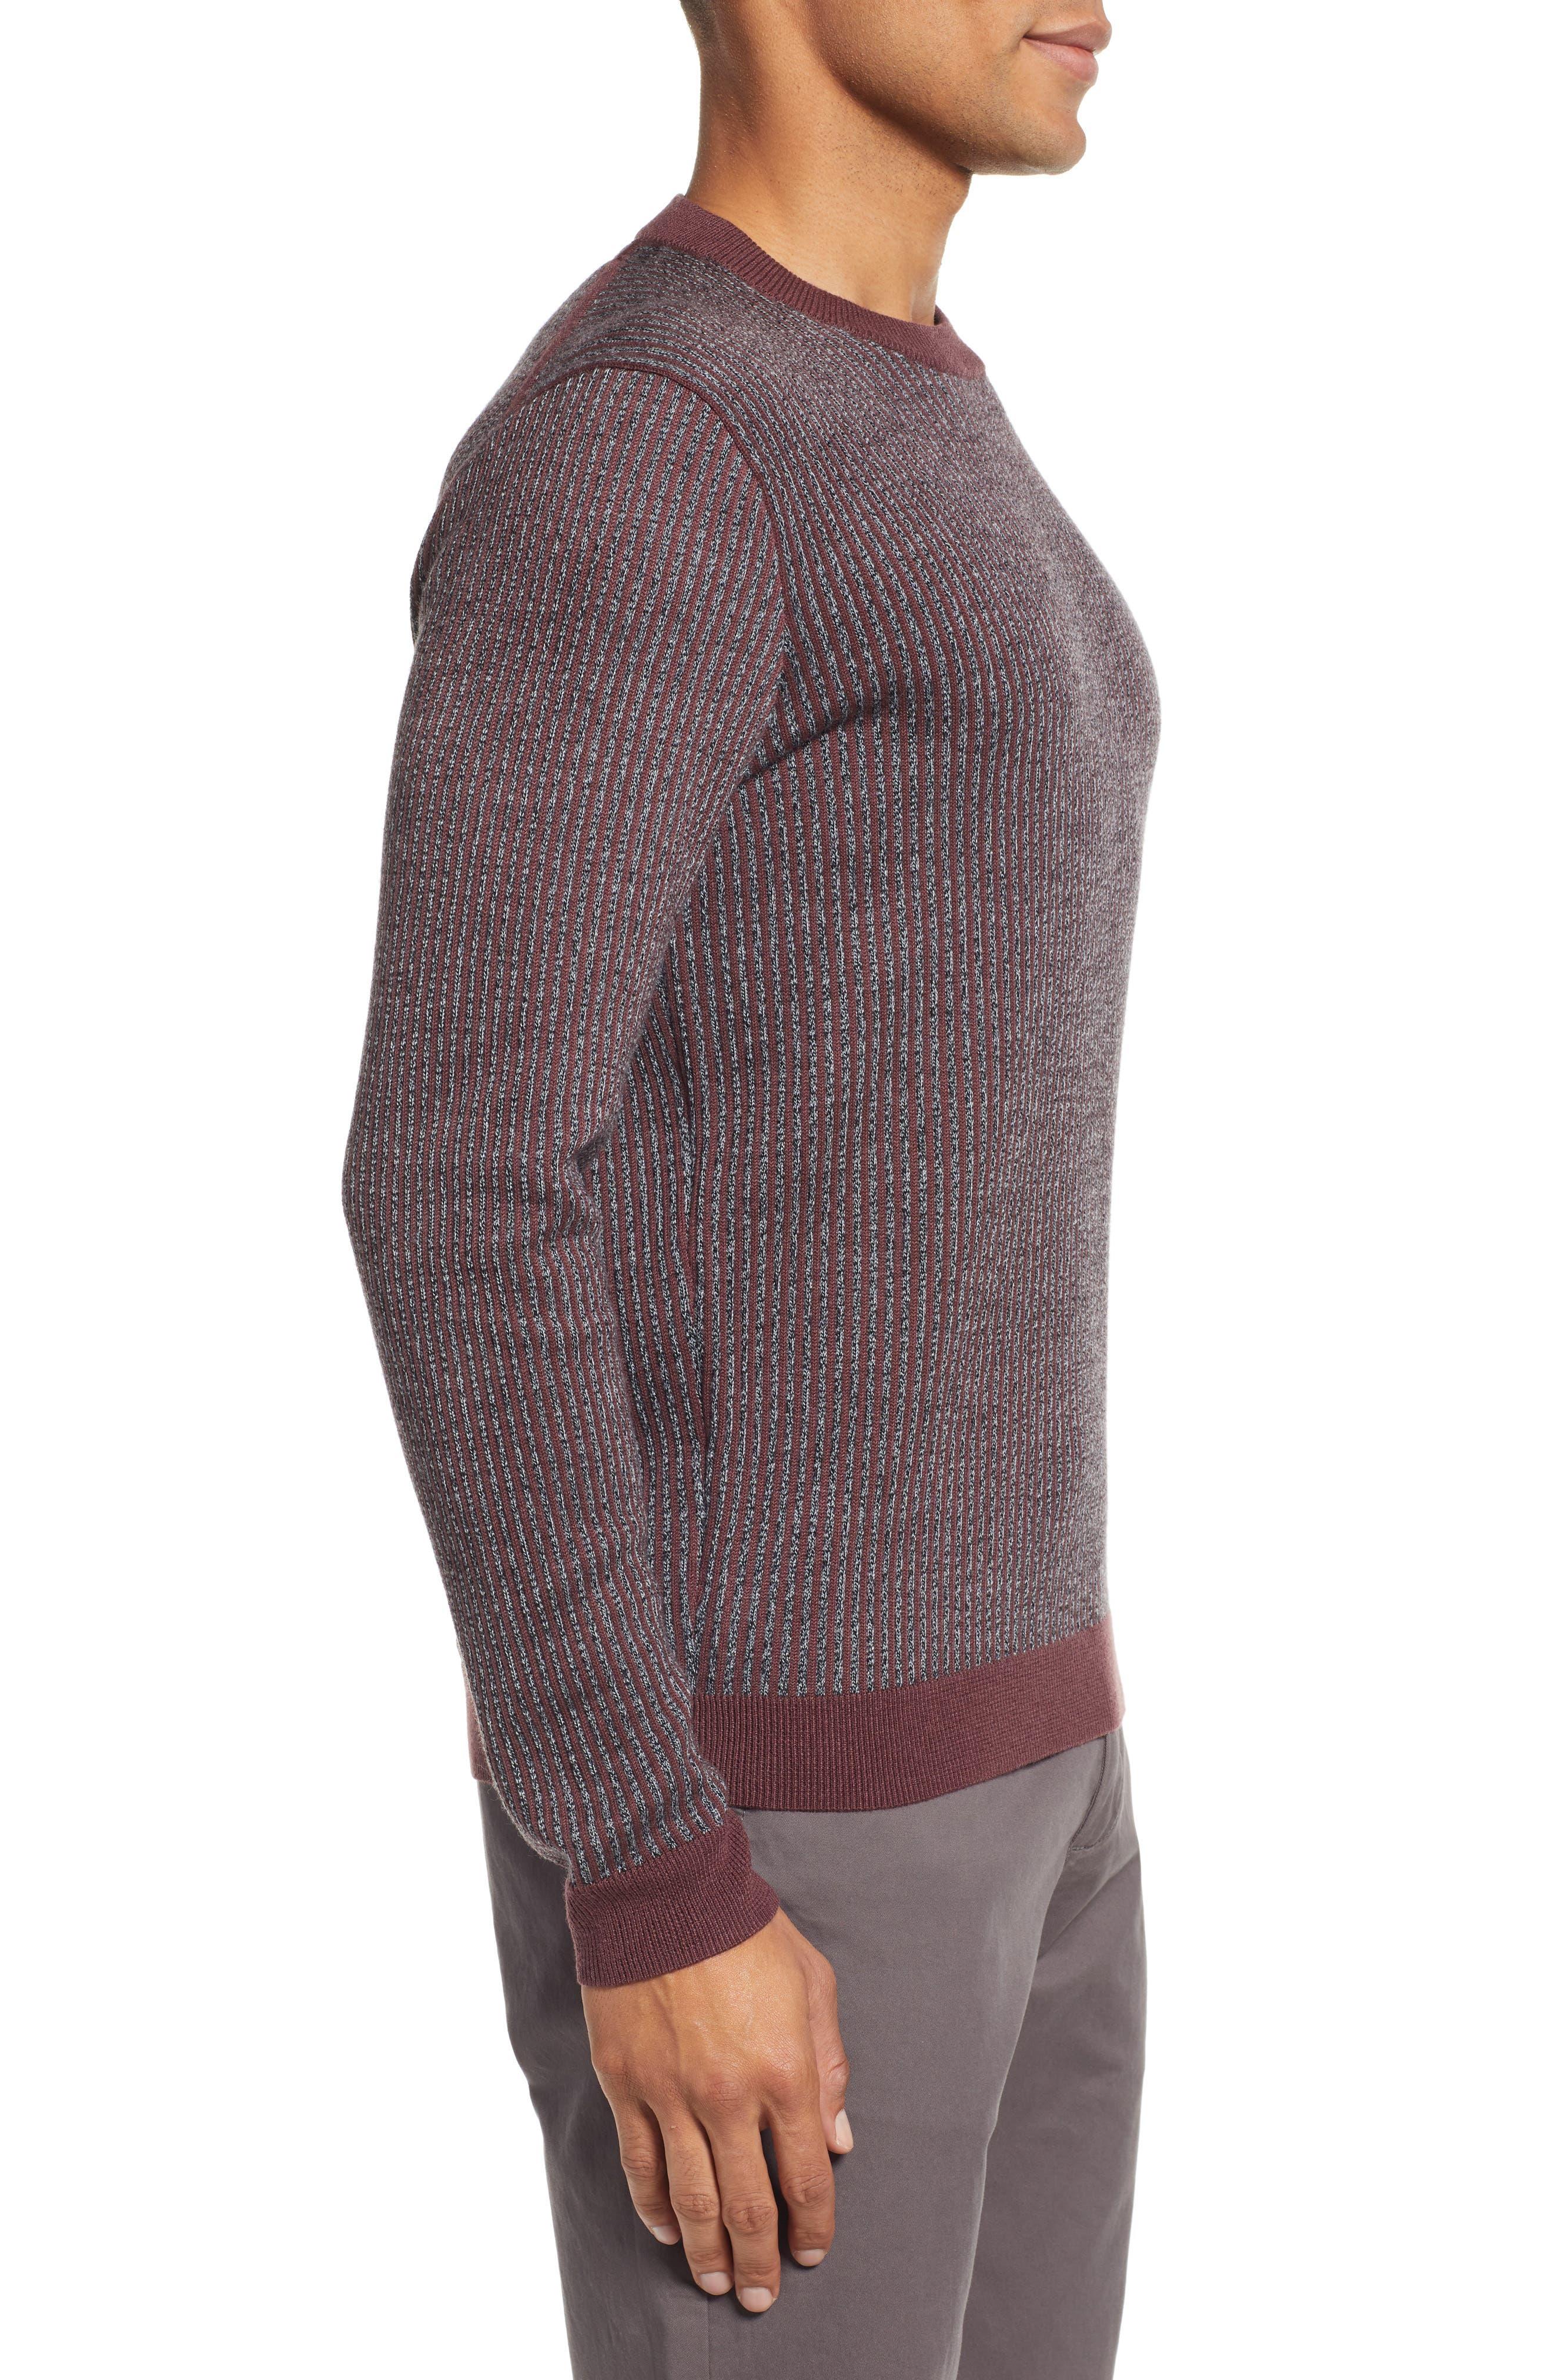 Jinxitt Crewneck Sweater,                             Alternate thumbnail 3, color,                             DEEP-PINK